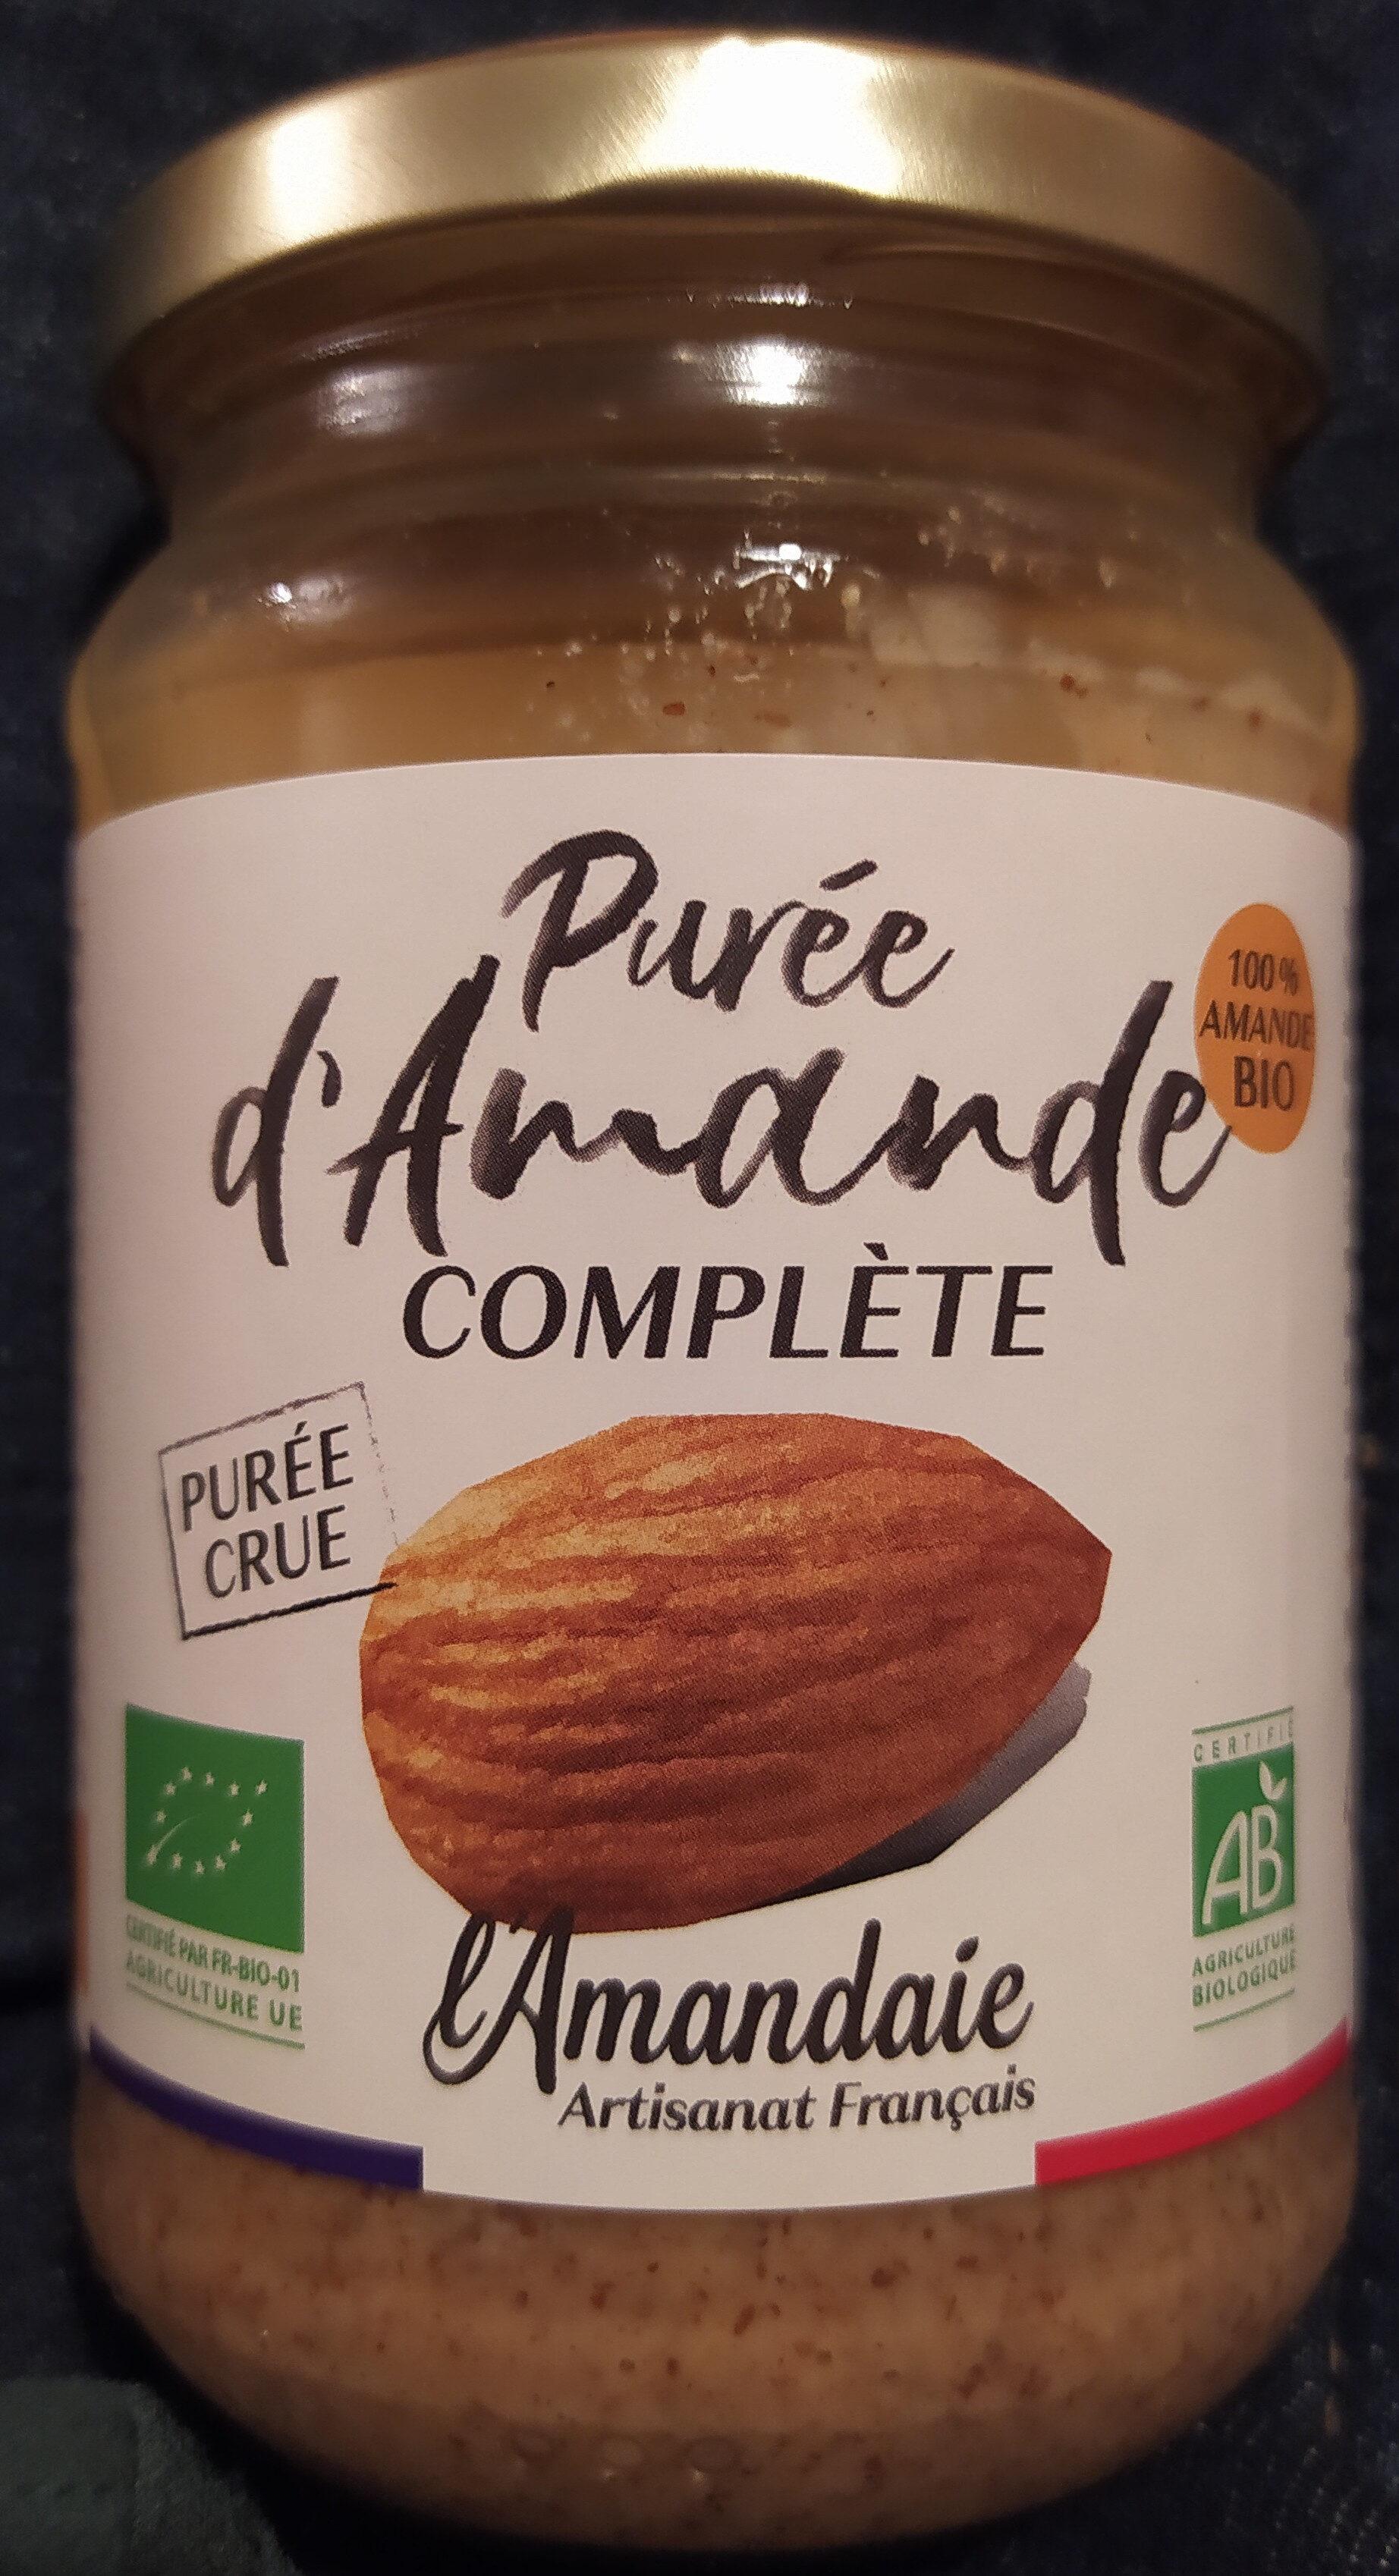 Purée d'amandes complète - Prodotto - fr